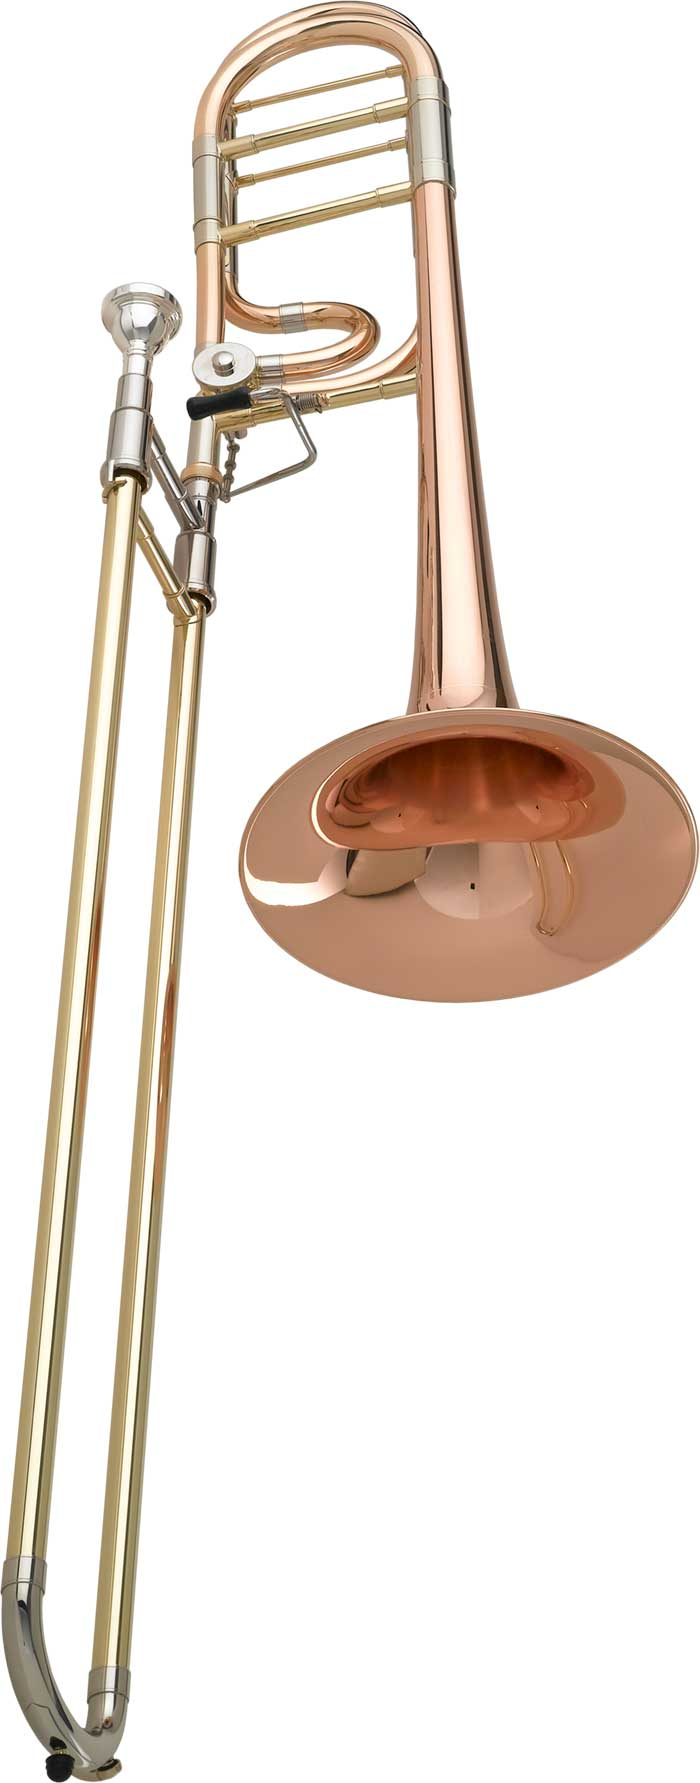 Getzen 1047FR Tenor Trombone